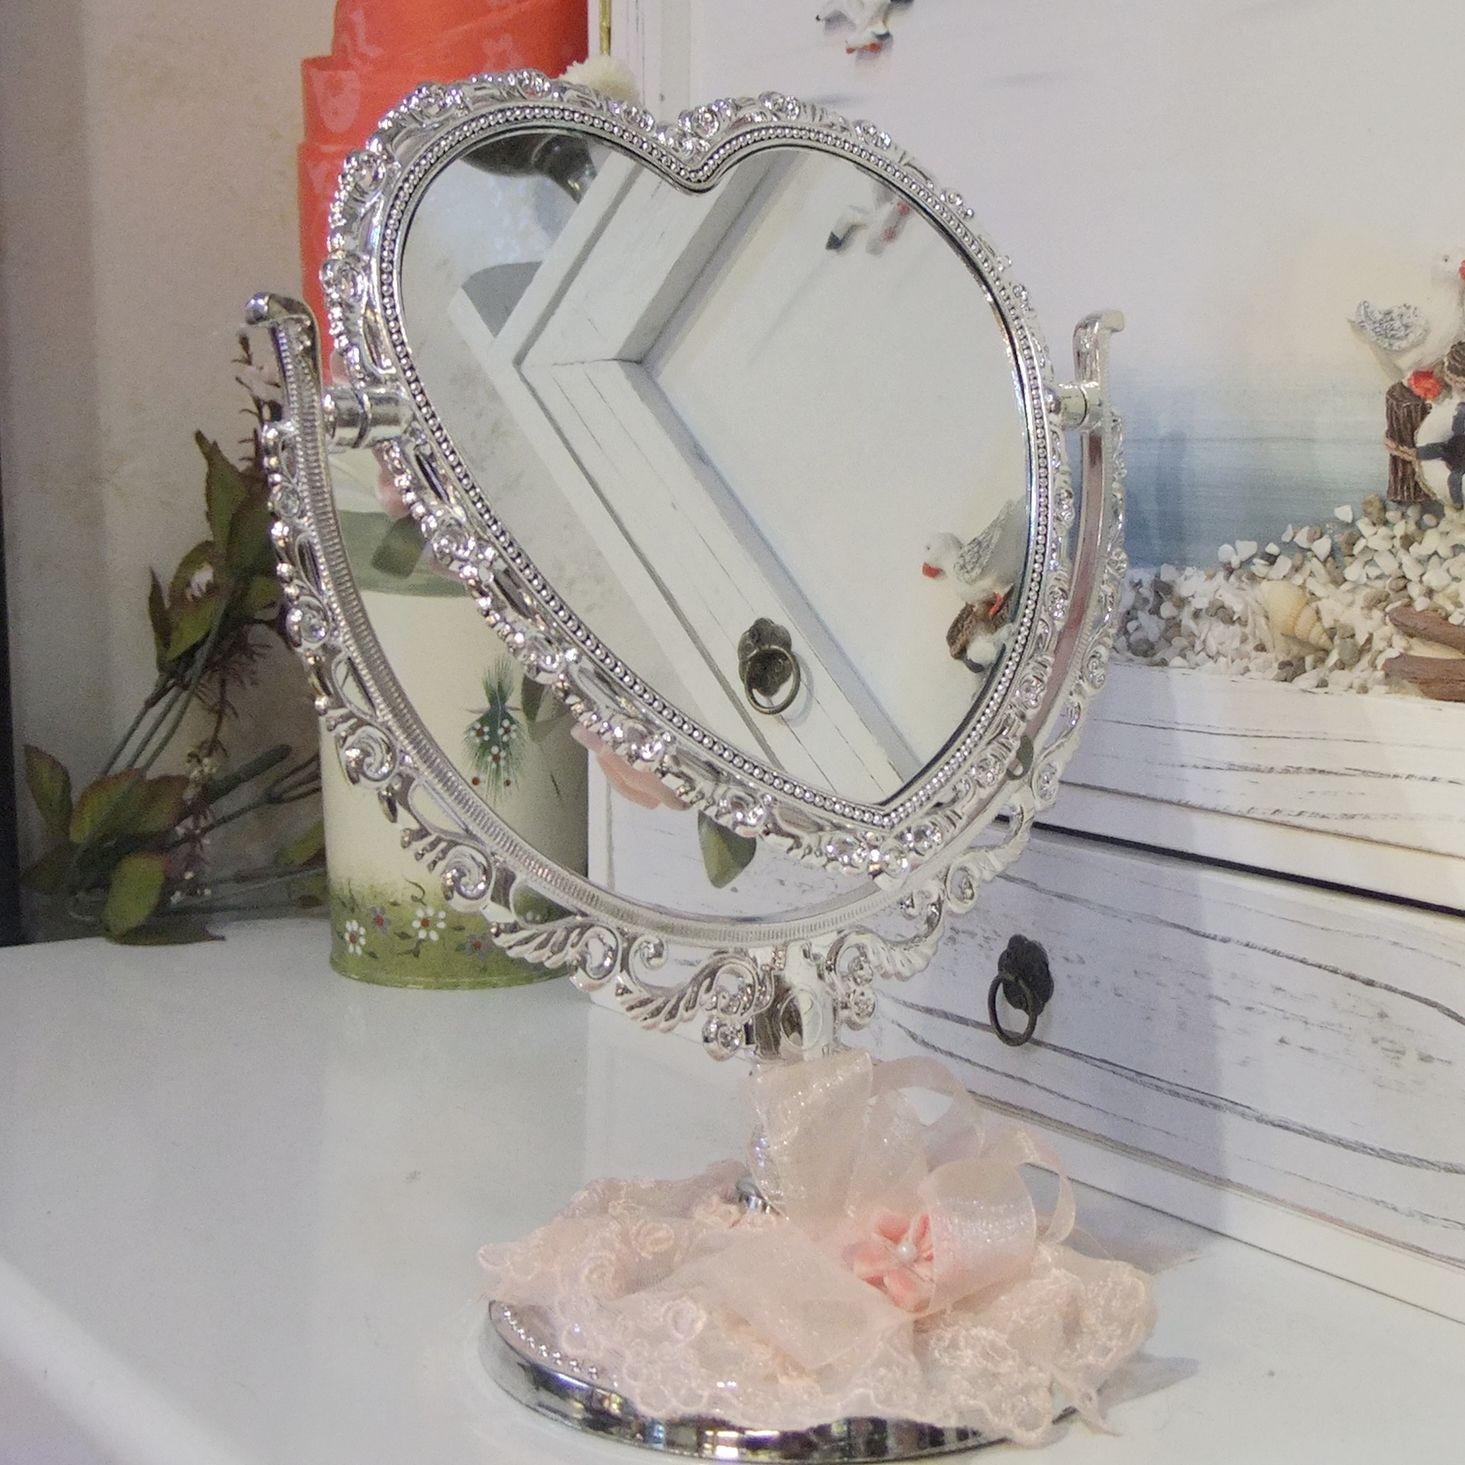 Зеркало настольное Красивые сестры «показать» зеркало свадебный подарок ~ кролик счастливая пара ~ сердце образный круглое зеркало в форме яйца